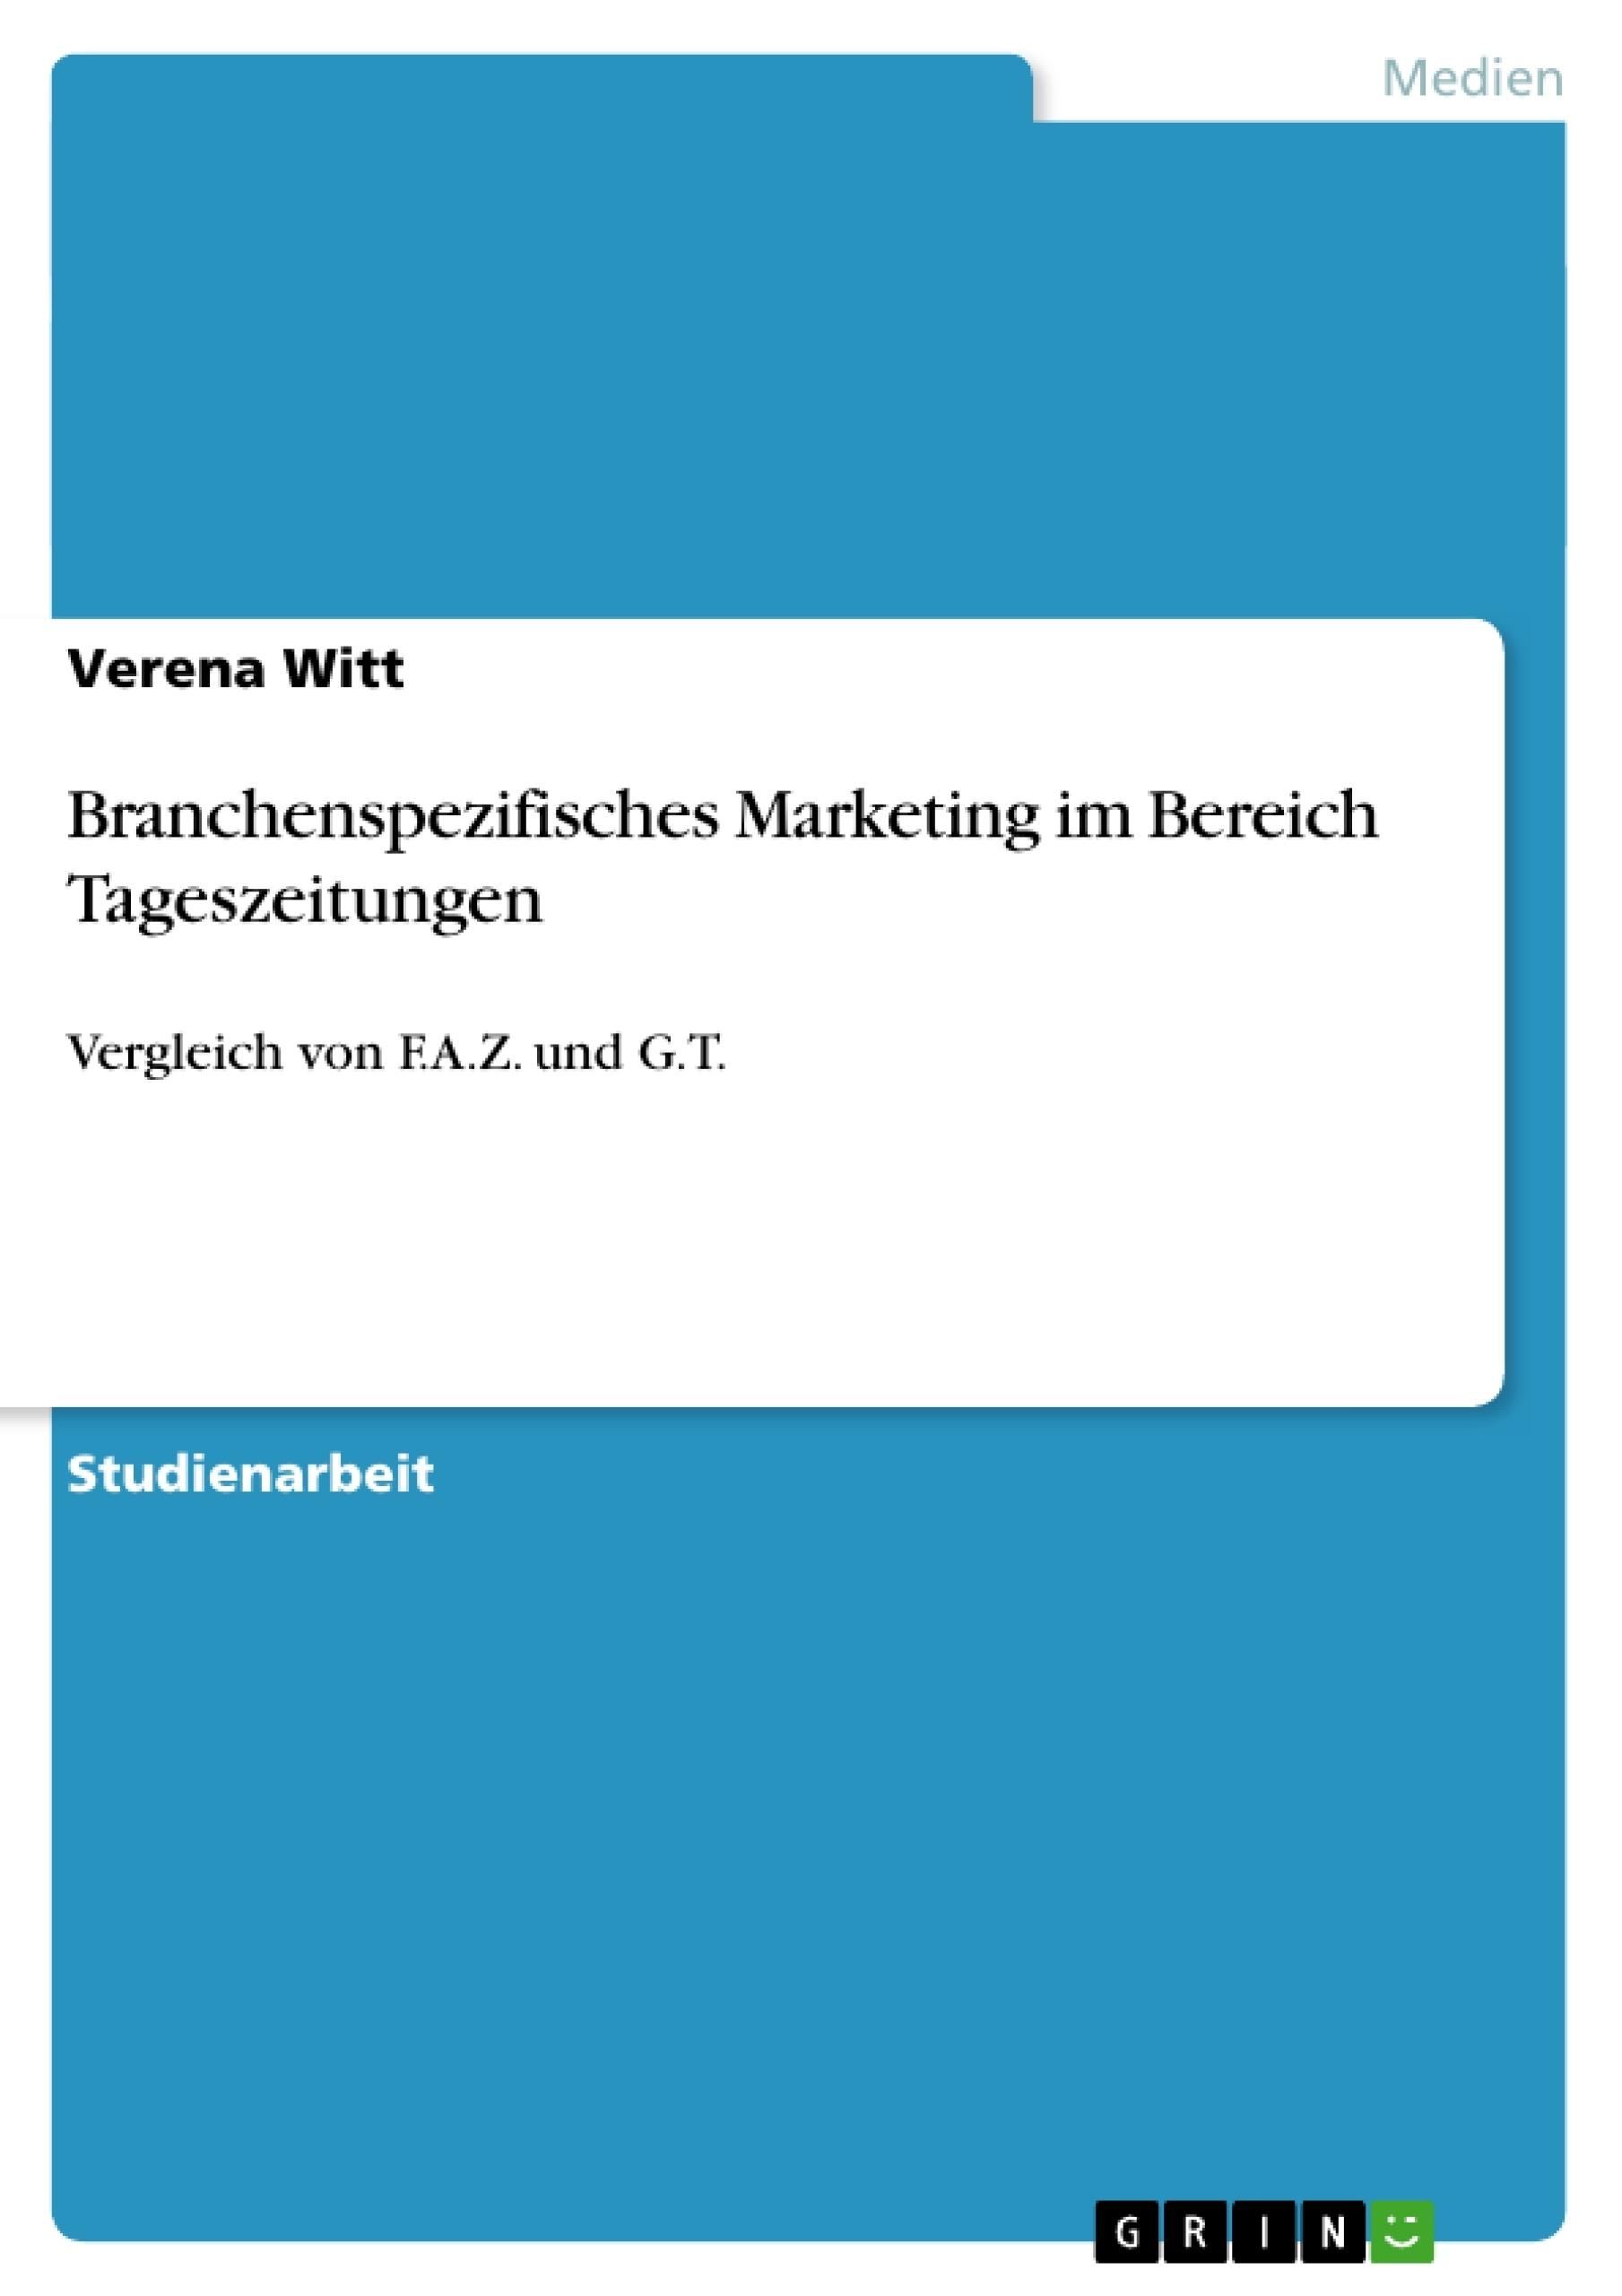 Titel: Branchenspezifisches Marketing im Bereich Tageszeitungen